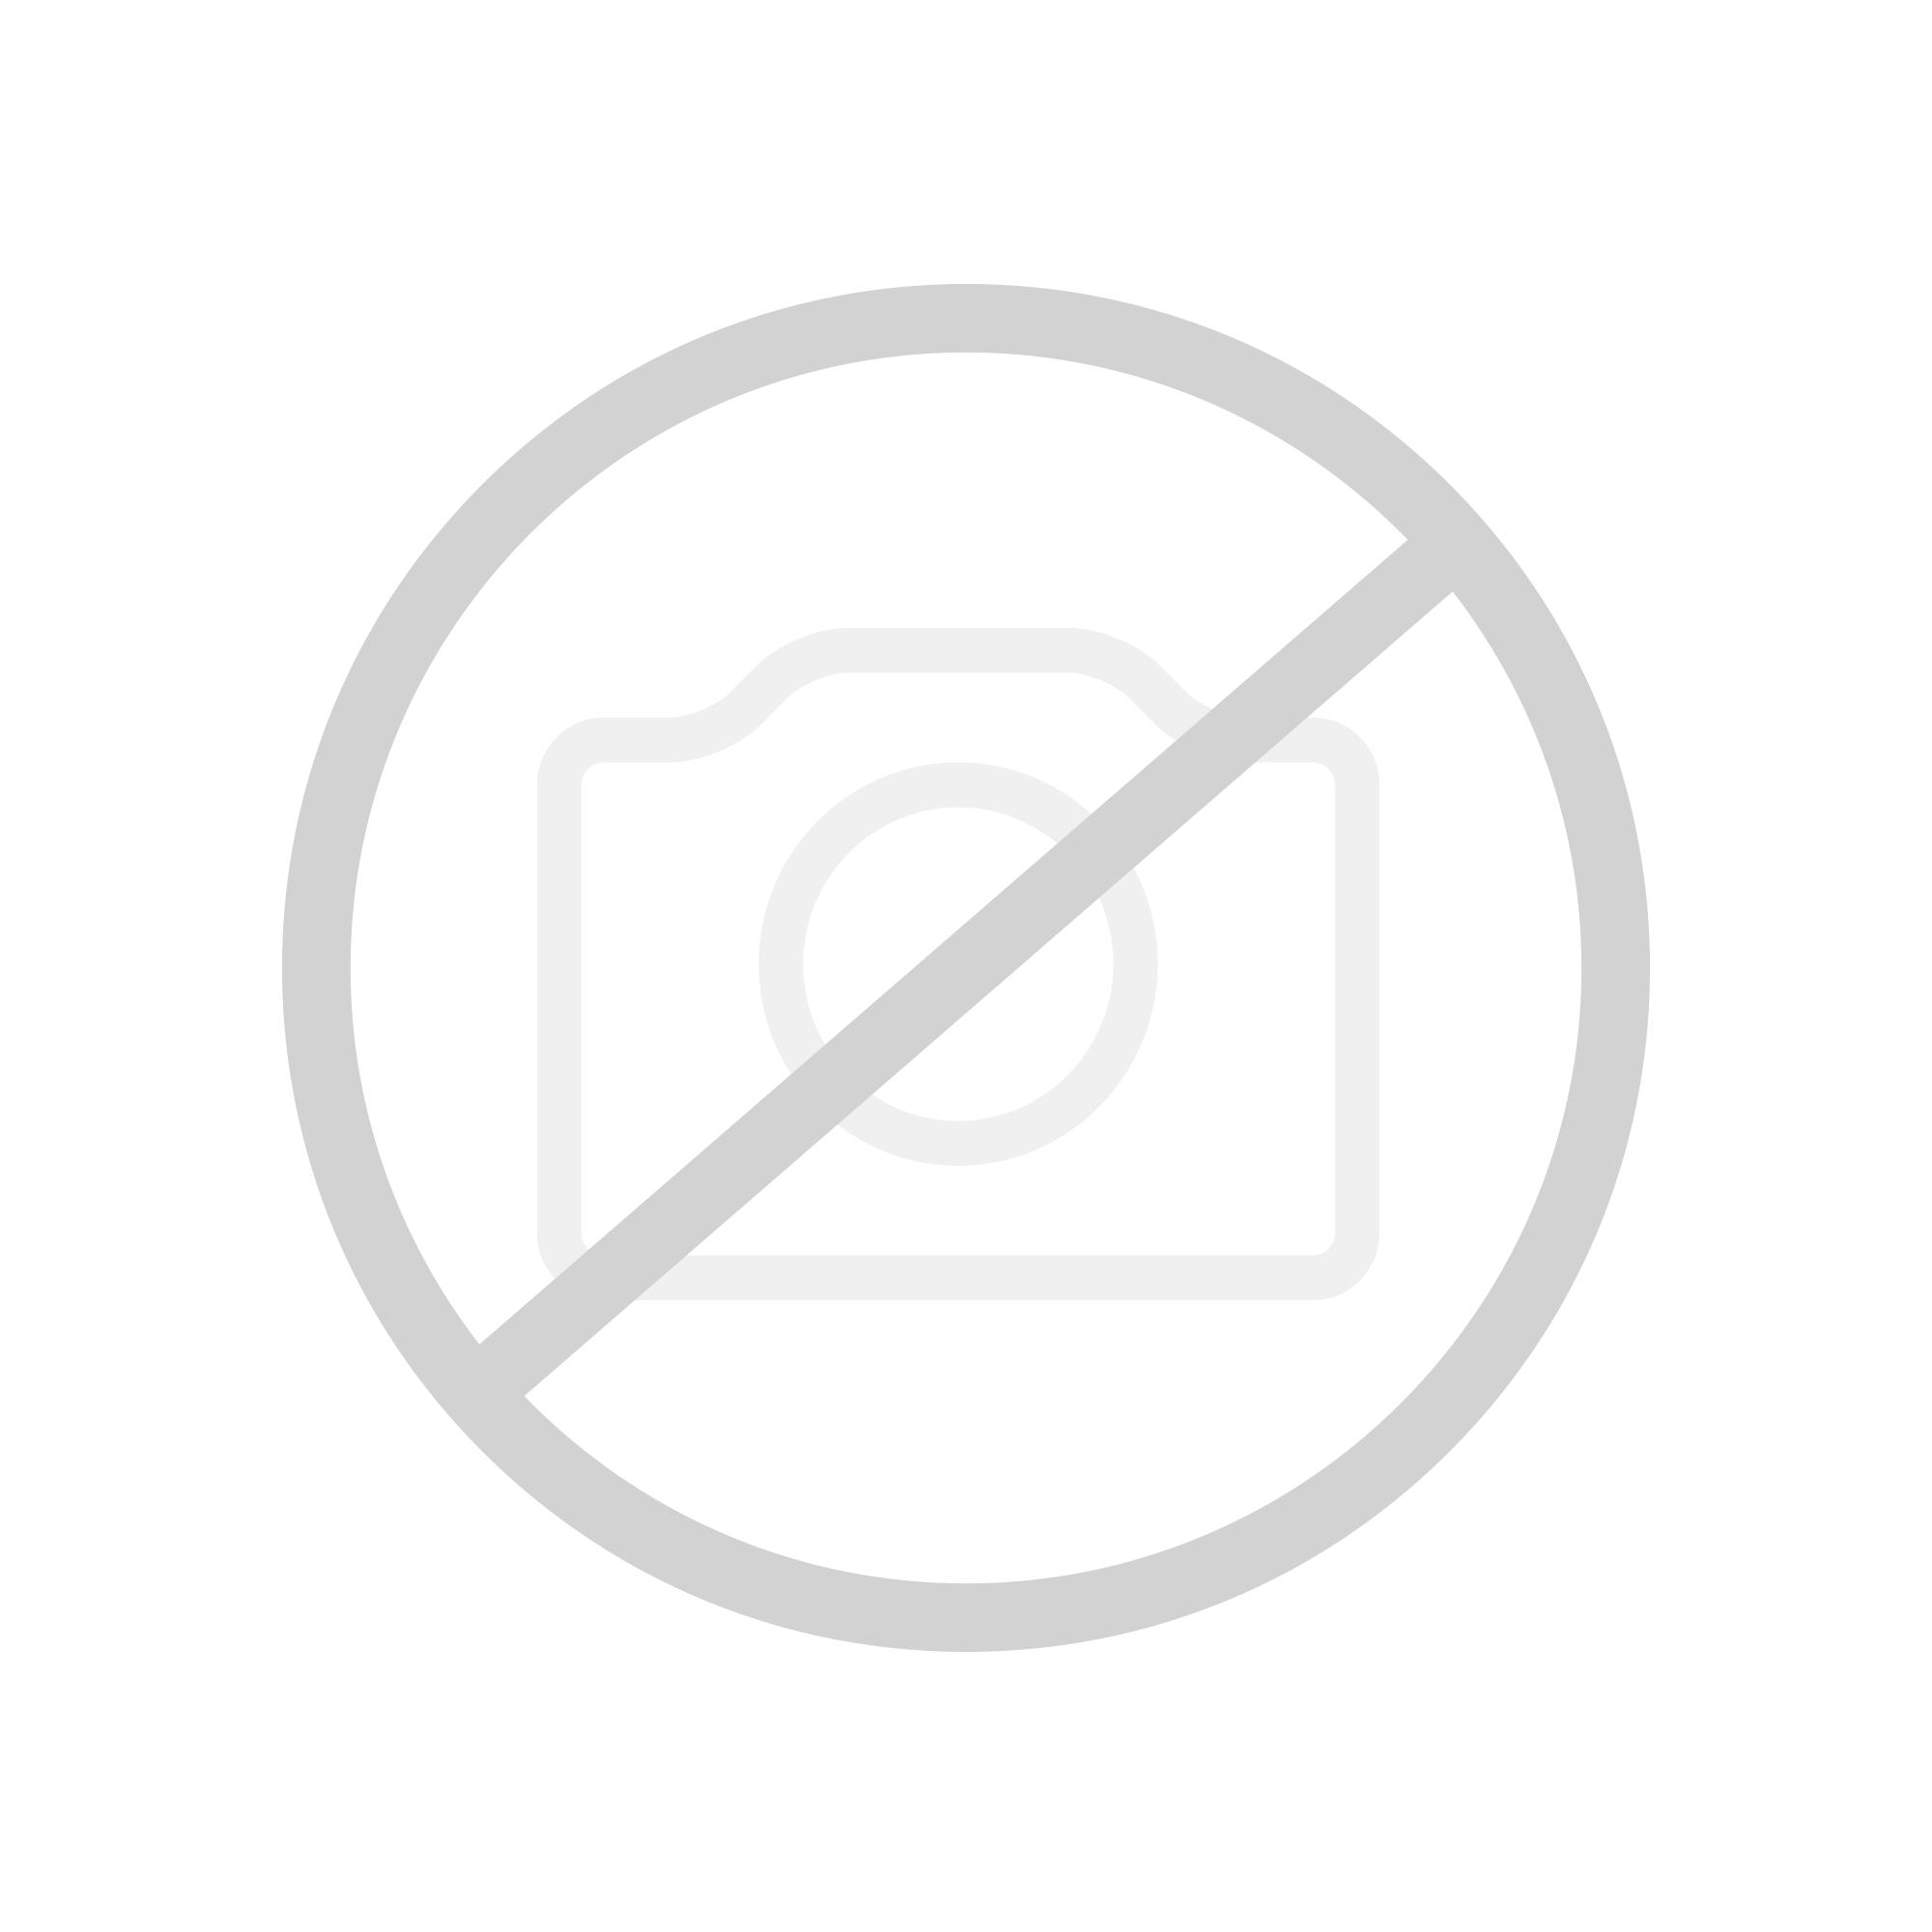 """Victoria + Albert K40 """"Intelli"""" Ab- und Überlaufgarnitur für Wannen ohne Überlauf chrom"""